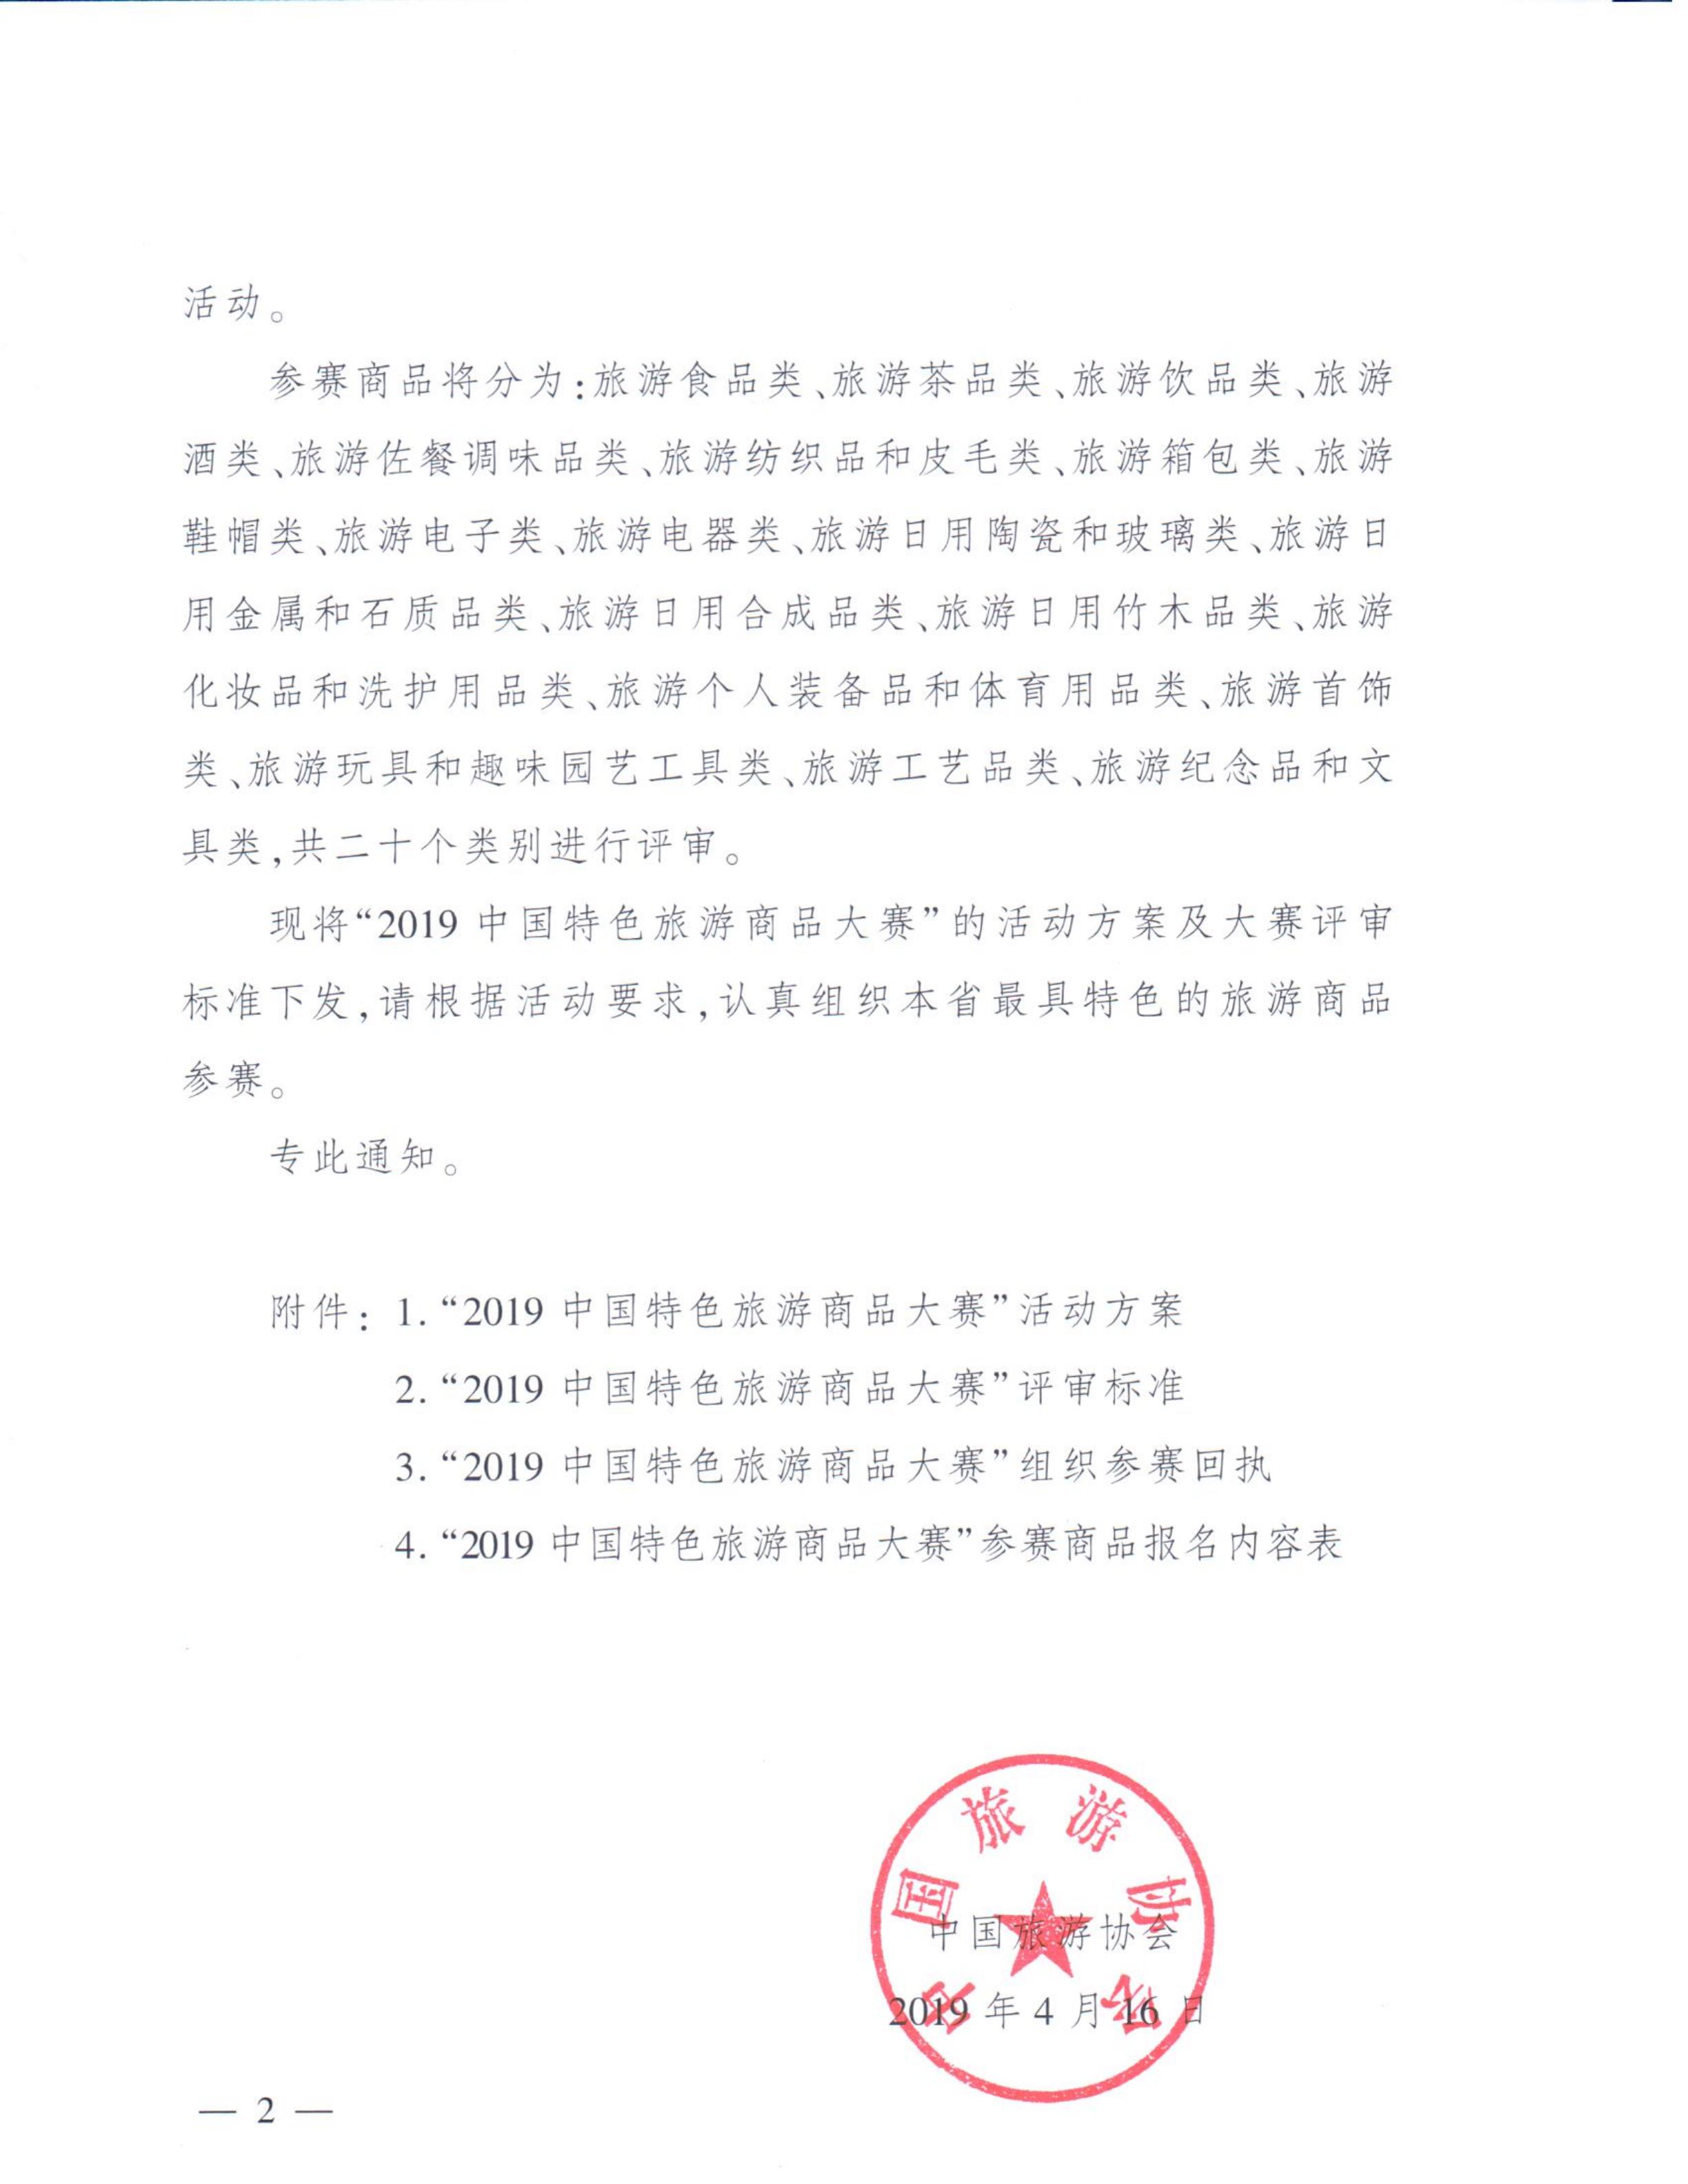 舉辦2019中國特色旅游商品大賽的通知-9-舉辦2019中國特色旅游商品大賽的通知-9_01